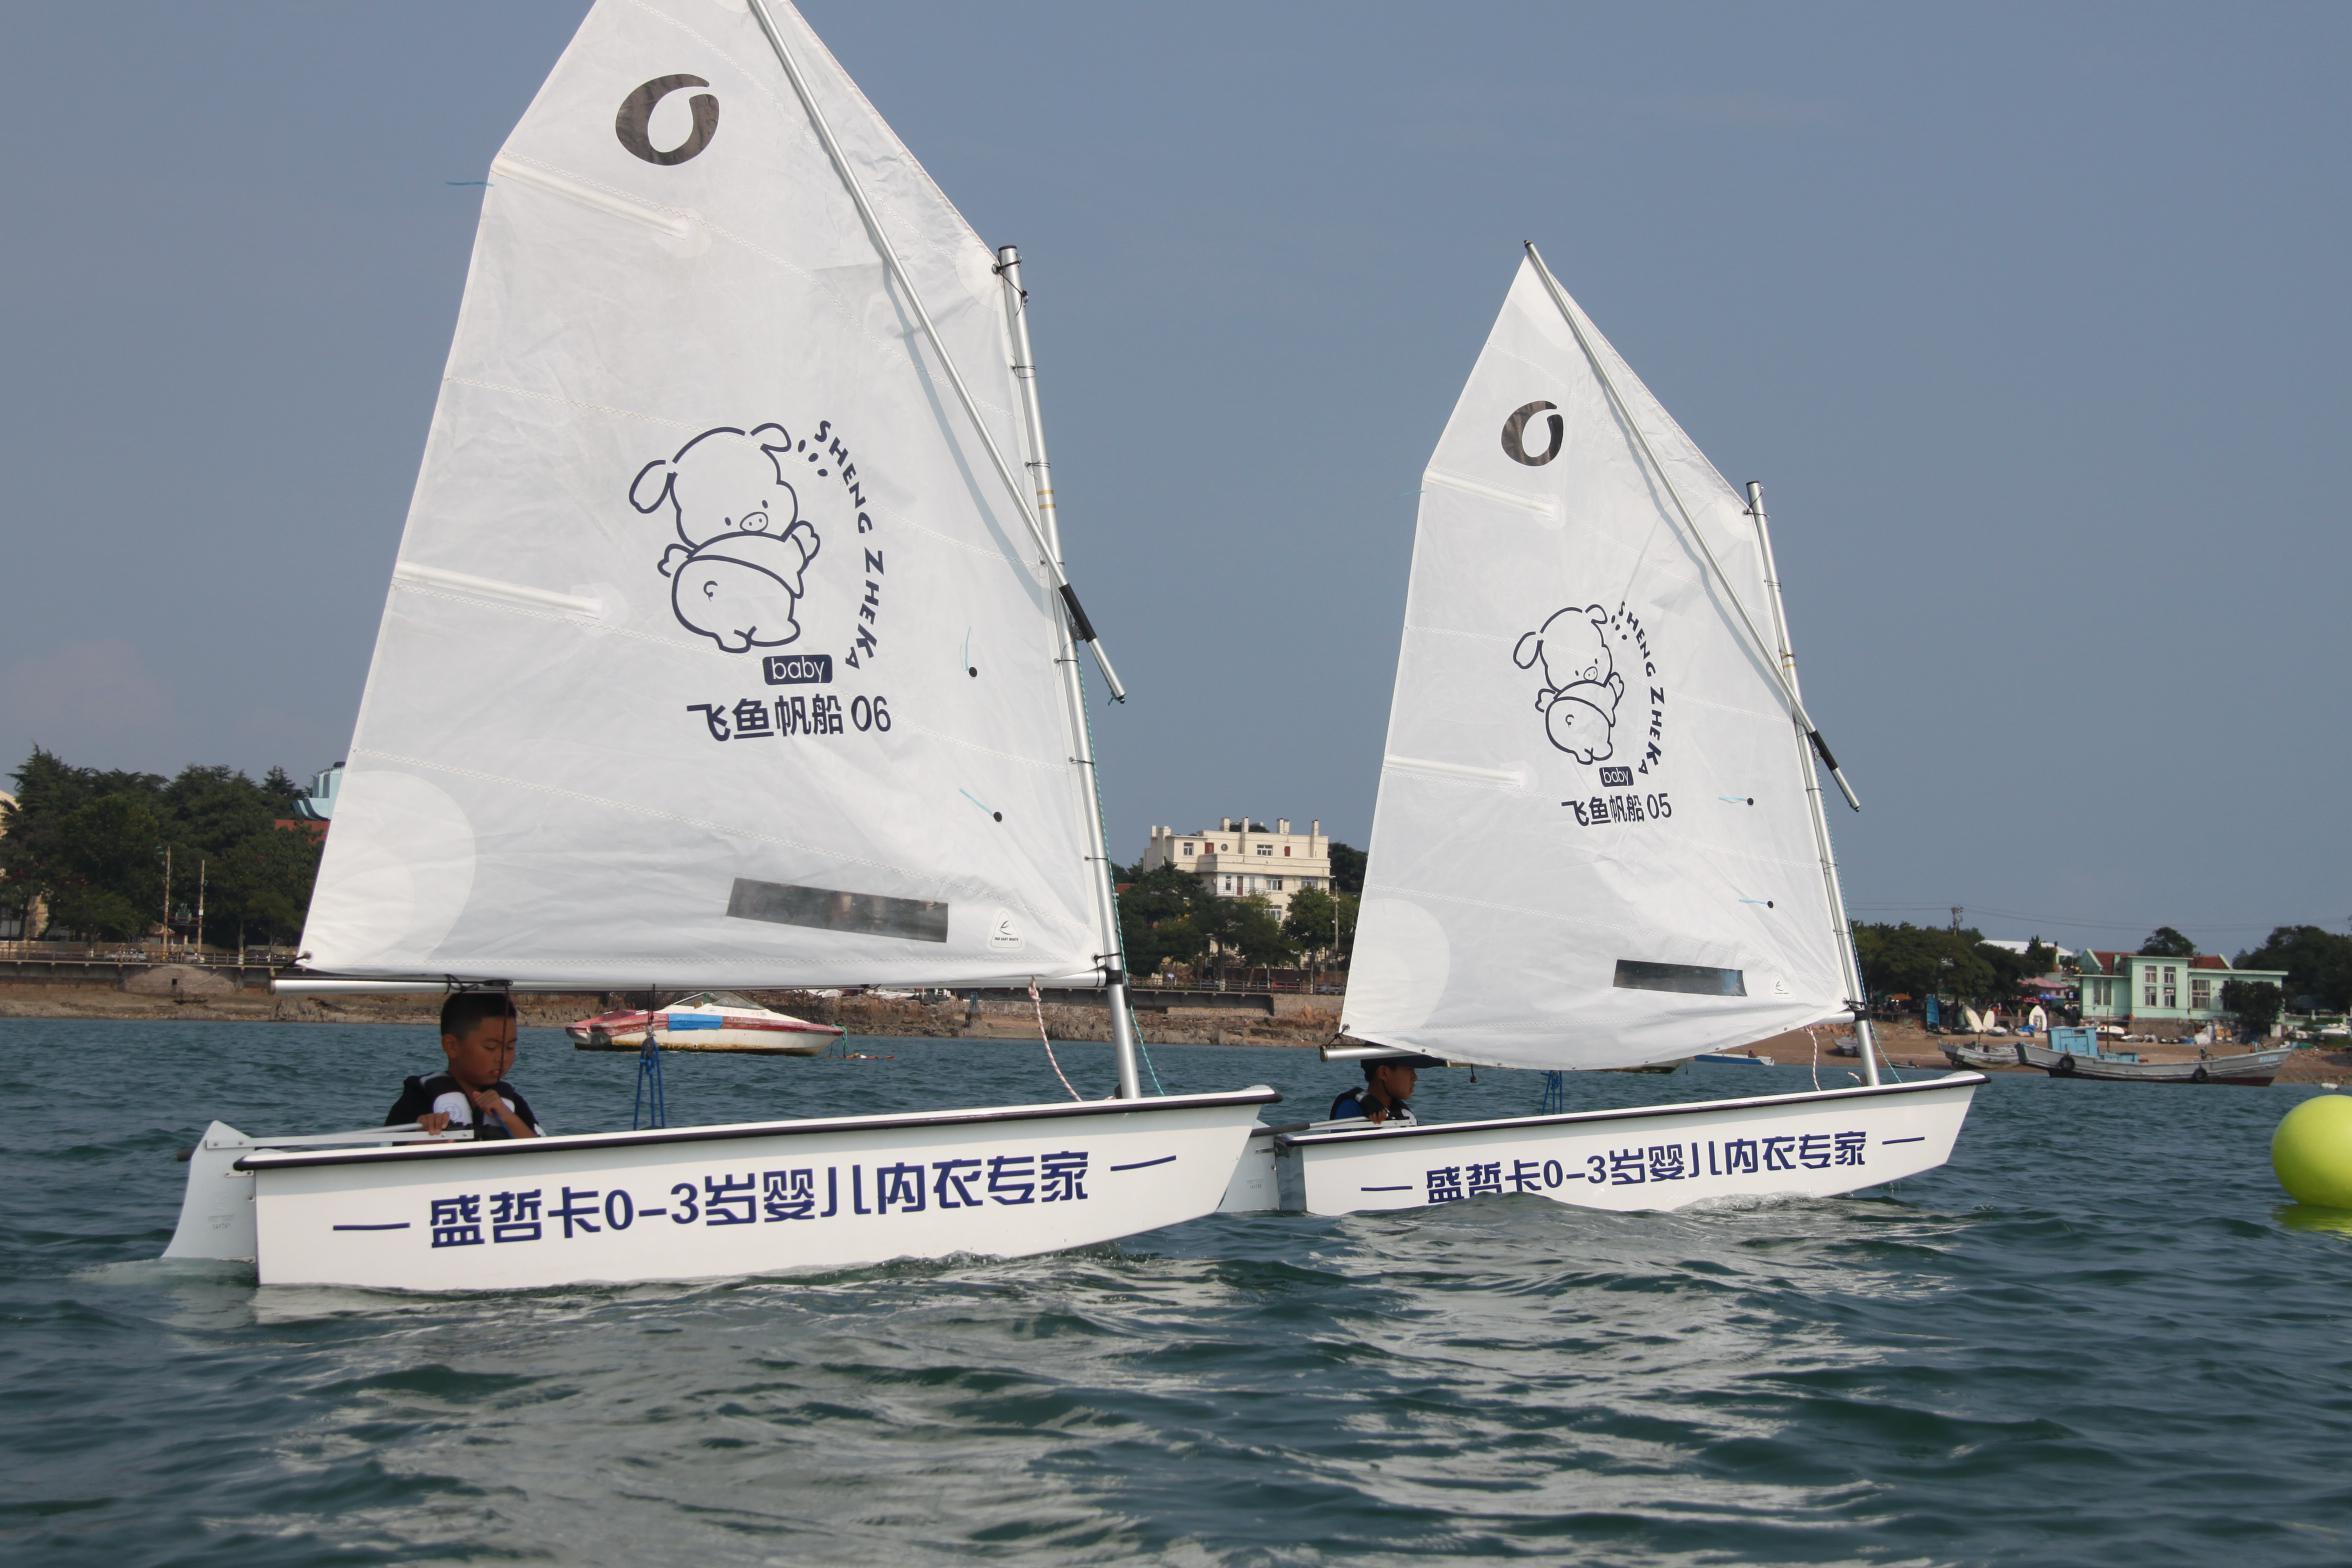 俱乐部,夏令营,青岛 2015年青岛航海夏令营之八  青岛海之帆帆船帆板运动俱乐部航海夏令营 a2c805287111623b66fb778d18ffd4db.jpg